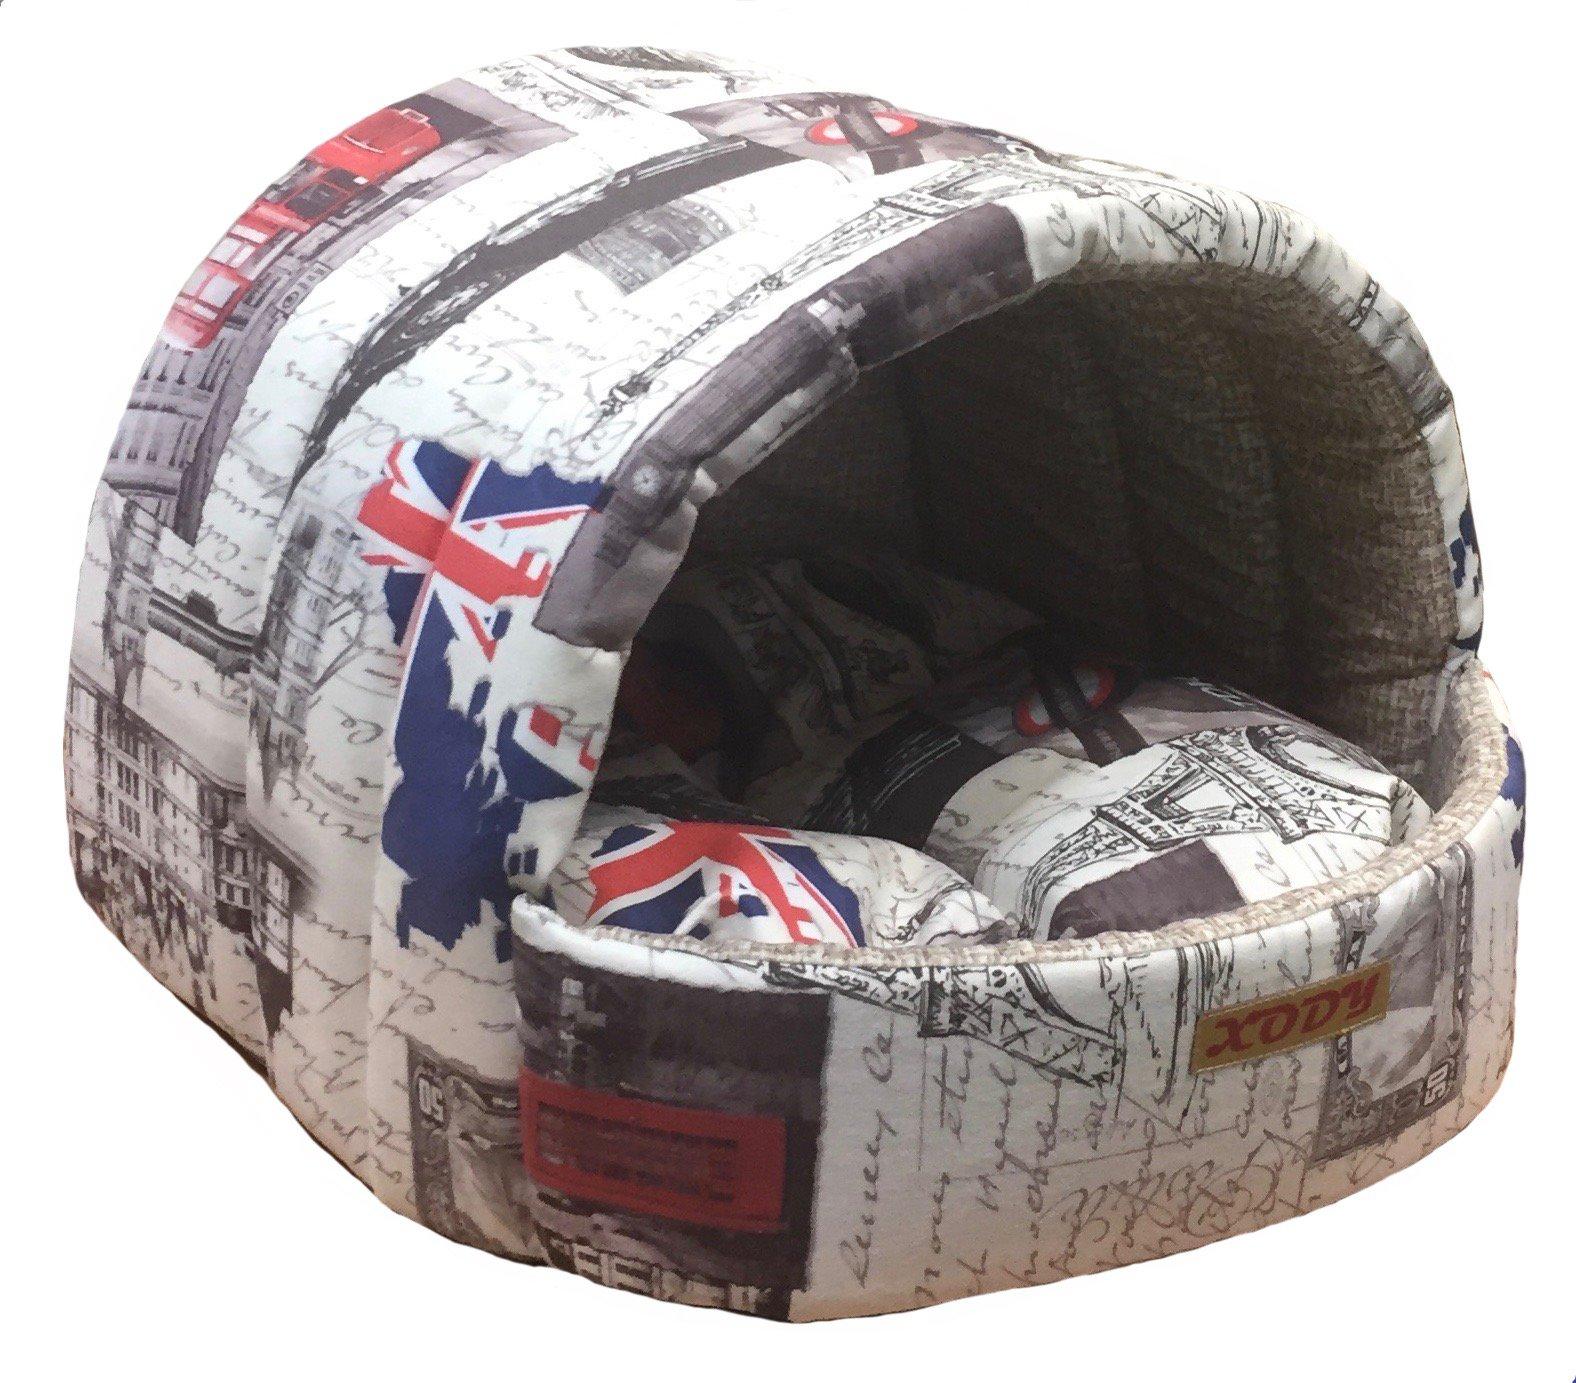 Домик для кошек и собак Xody Эстрада №2, флок, Лондон, бежевый, 44x40x50см